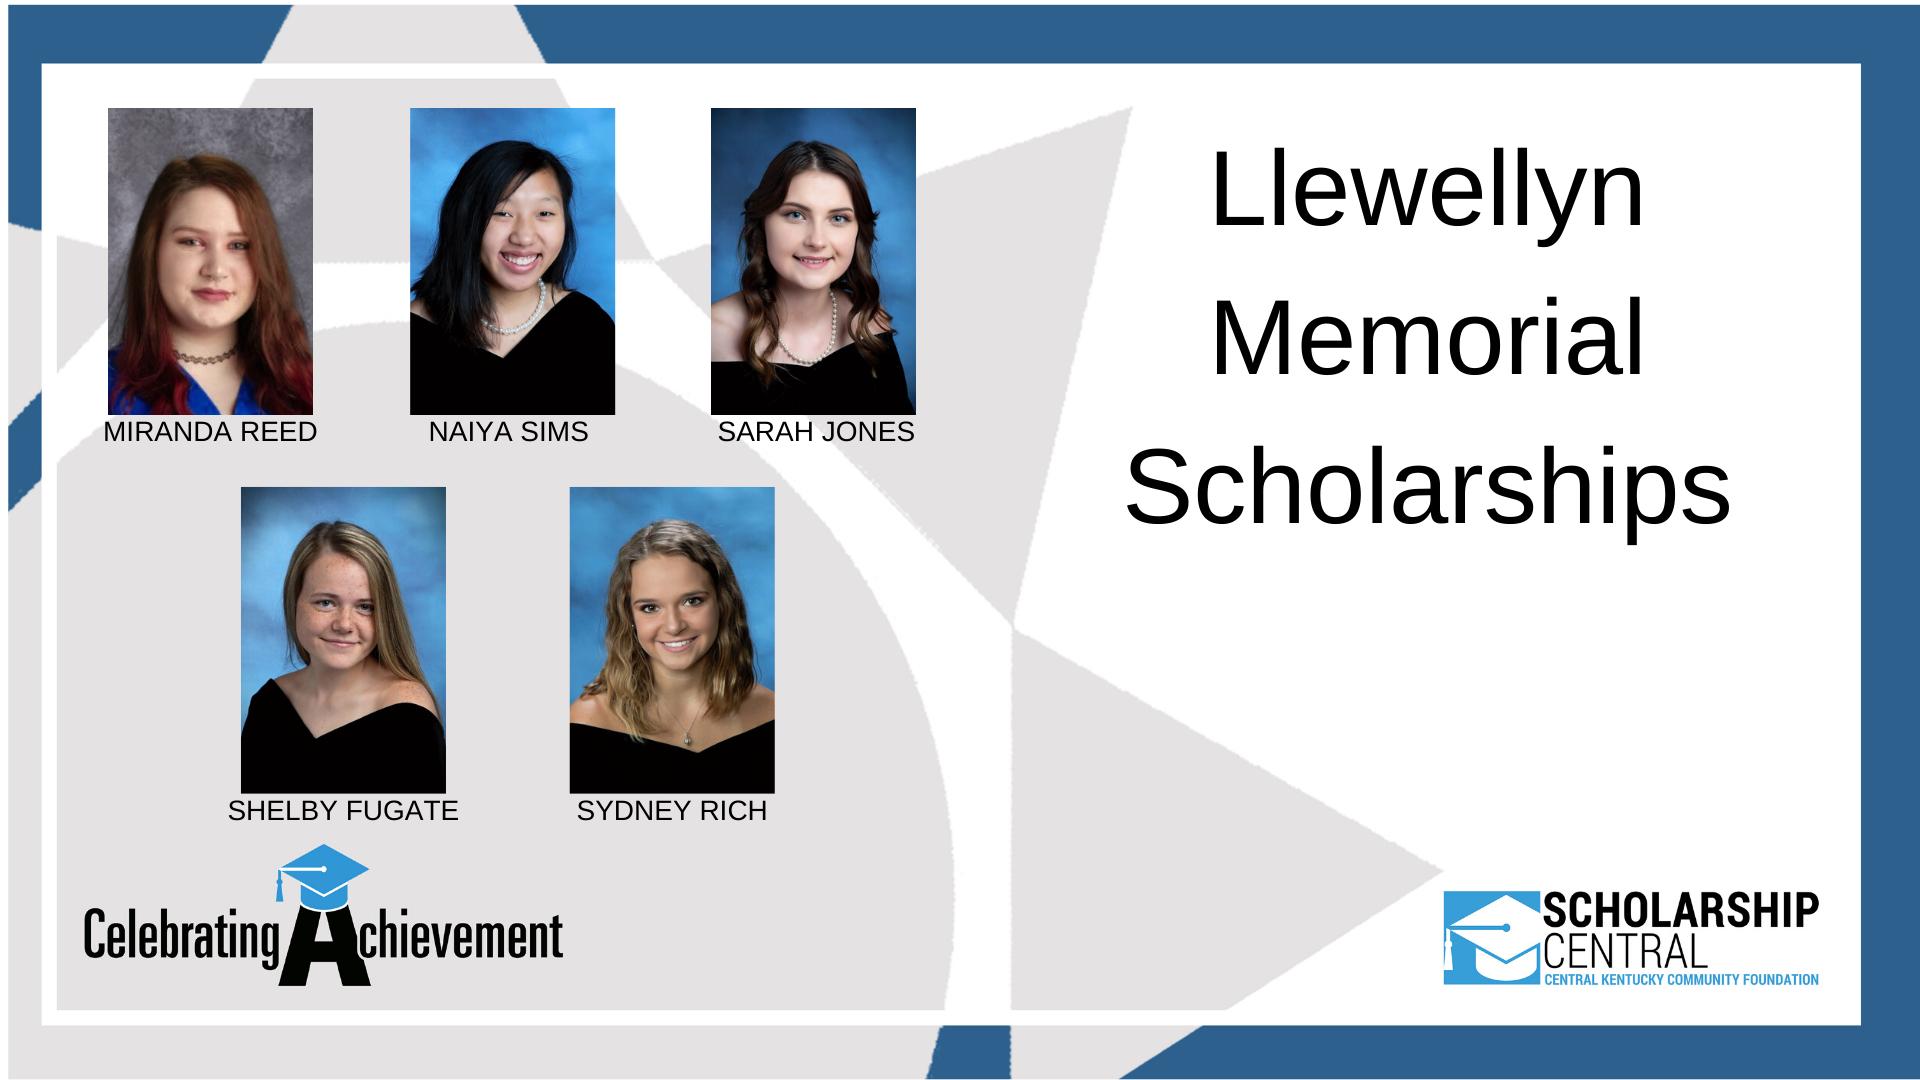 Llewellyn Memorial Scholarship5